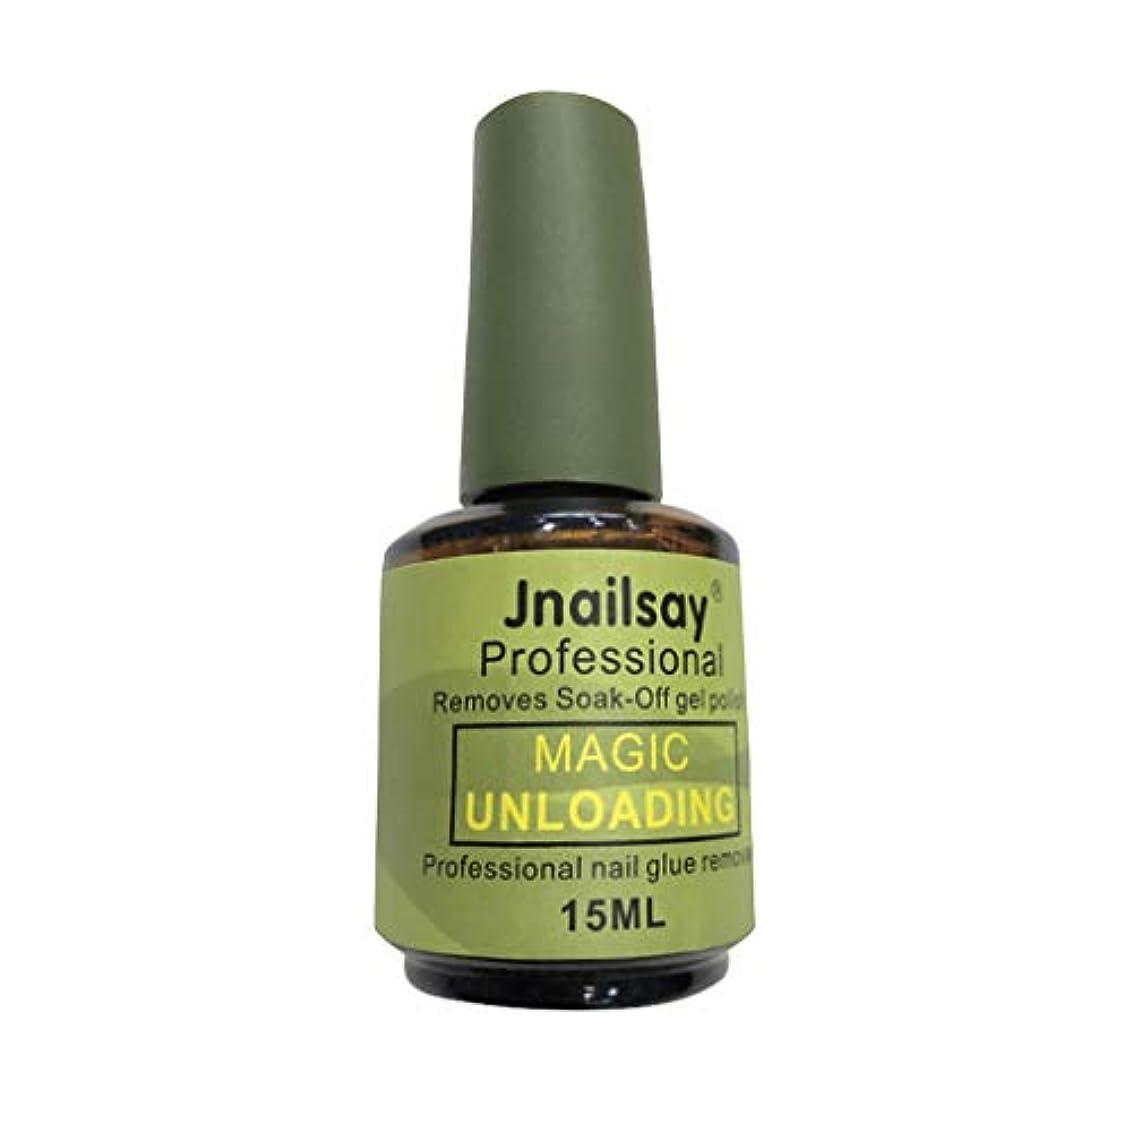 灌漑何もないそばにネイル用品 Jnailsay 15ml速い破裂の装甲接着剤1分の荷を下す操作は釘を傷つけないで簡単で便利です (多色)